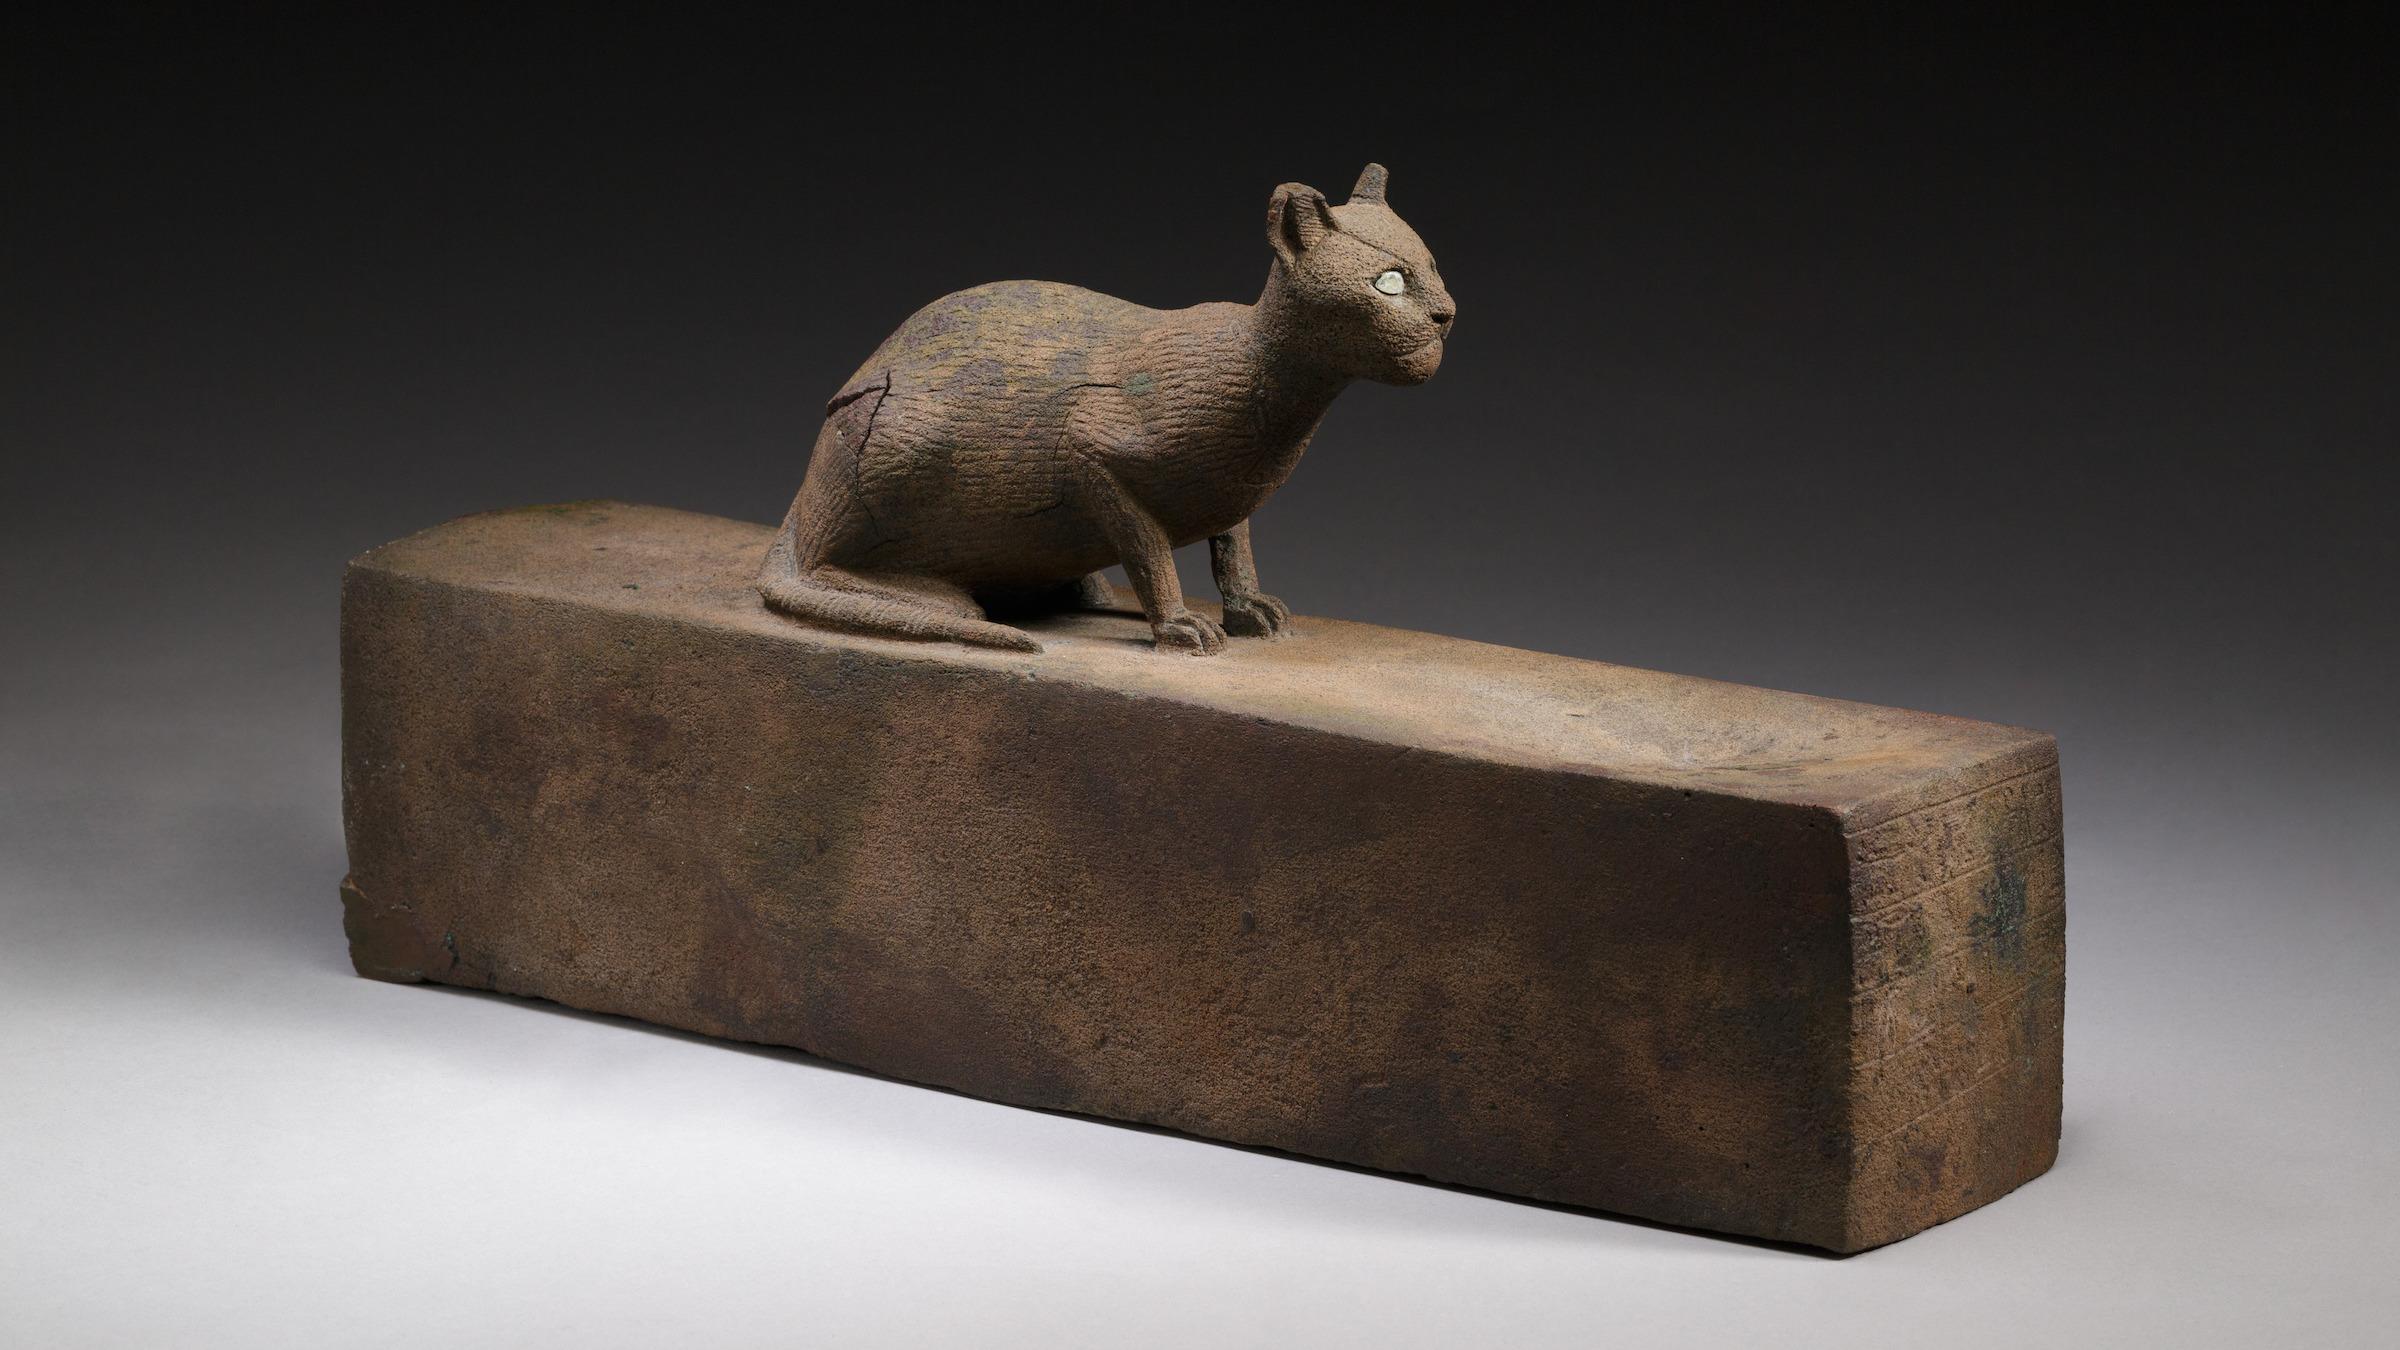 Un chat, probablement une représentation de la déesse Bastet, au sommet d'une boîte pour une momie animale.  Il date de la période tardive – période ptolémaïque (664–30 av. J.-C.).